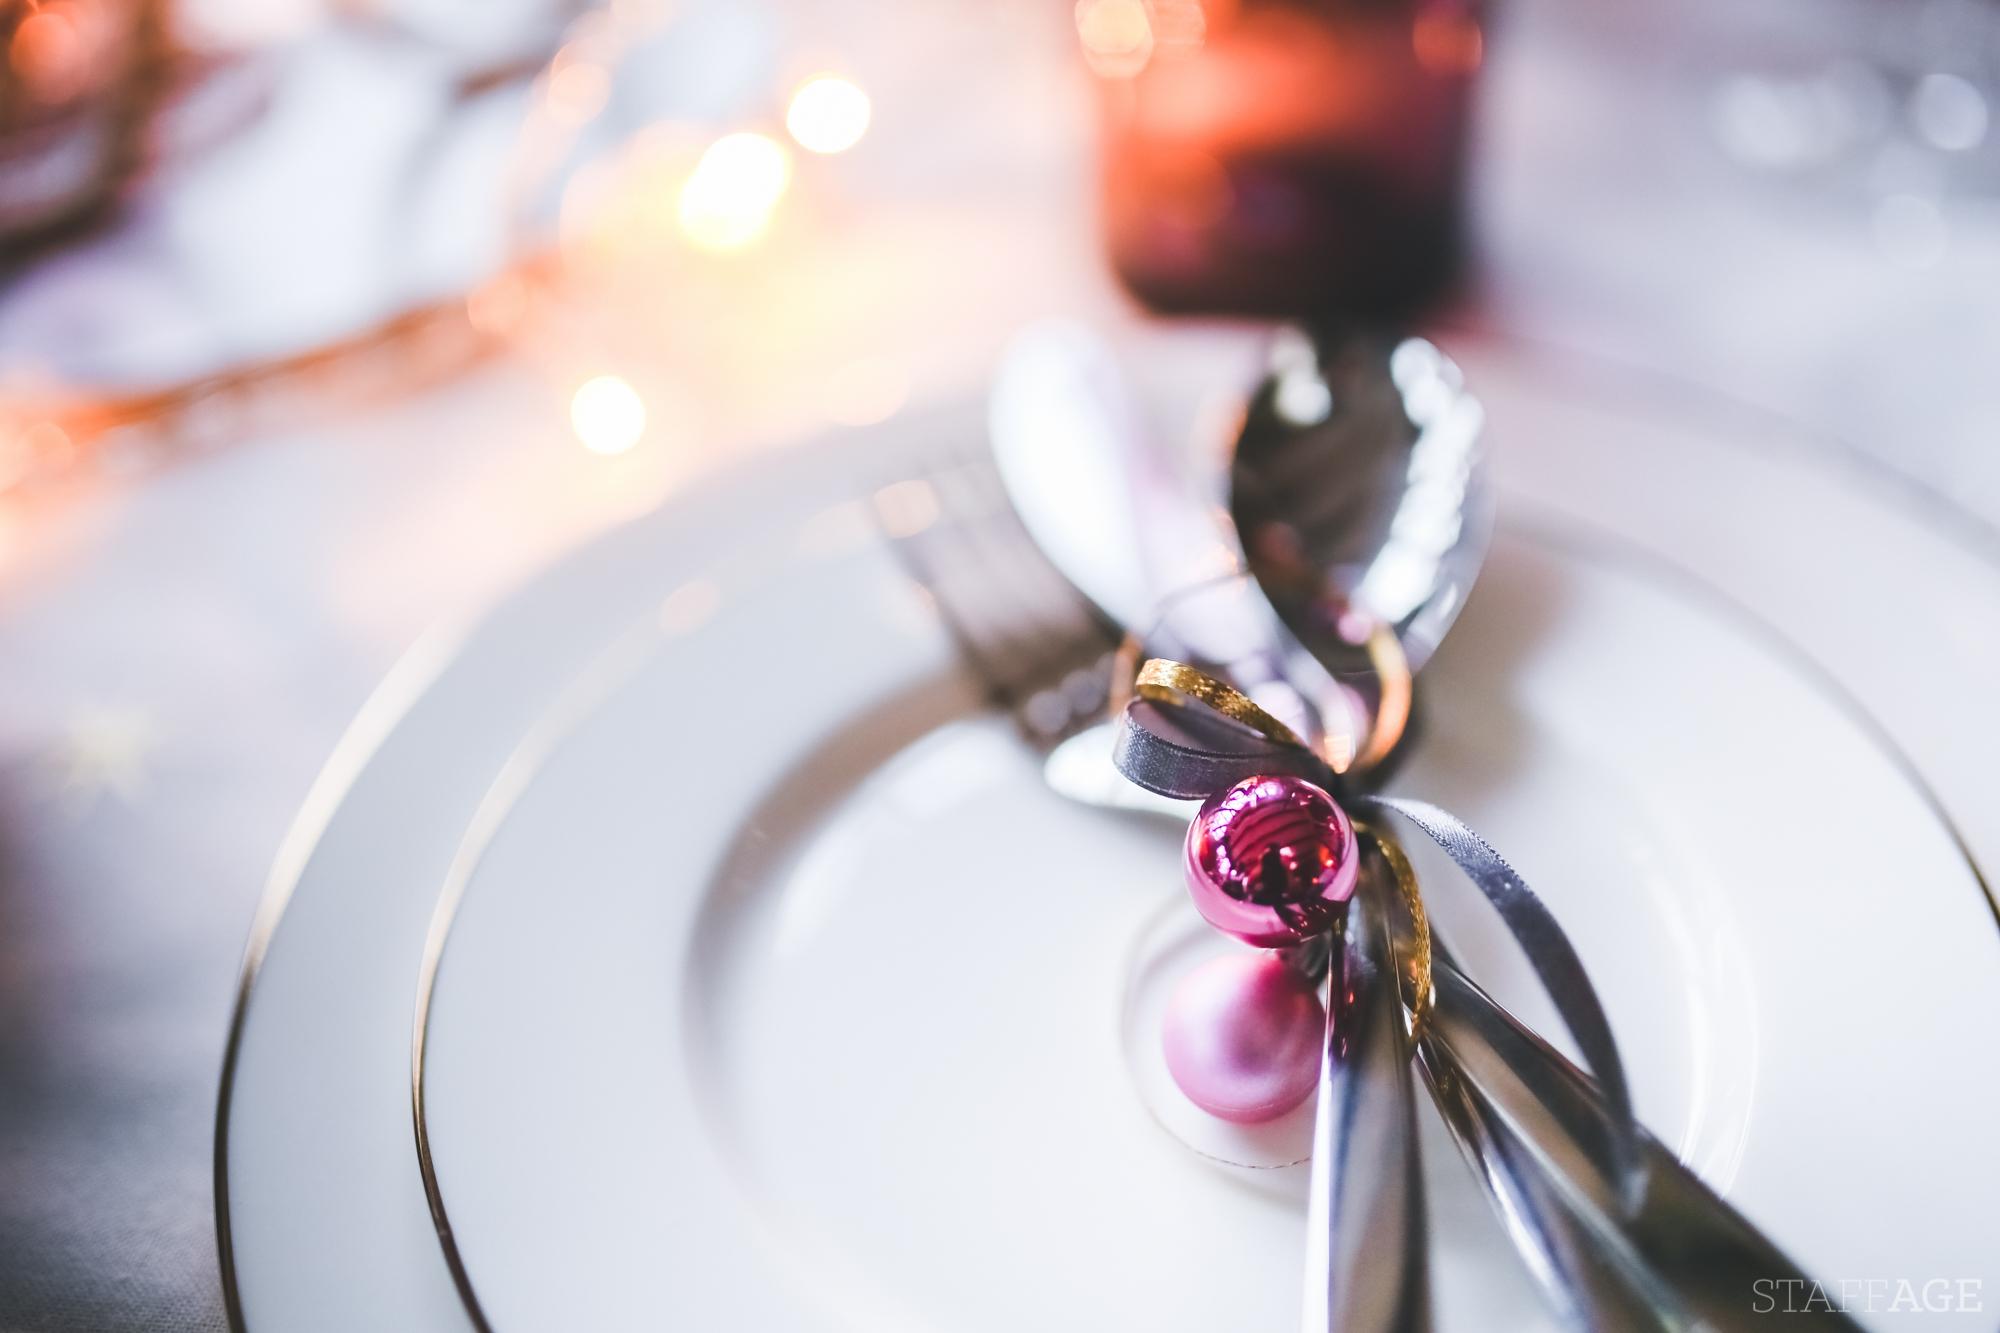 7 Staffagepl wigilijny stol pomysly na jadalnie swiateczne aranzacje chrstmas table settings ideas interior design winter flowers tableware